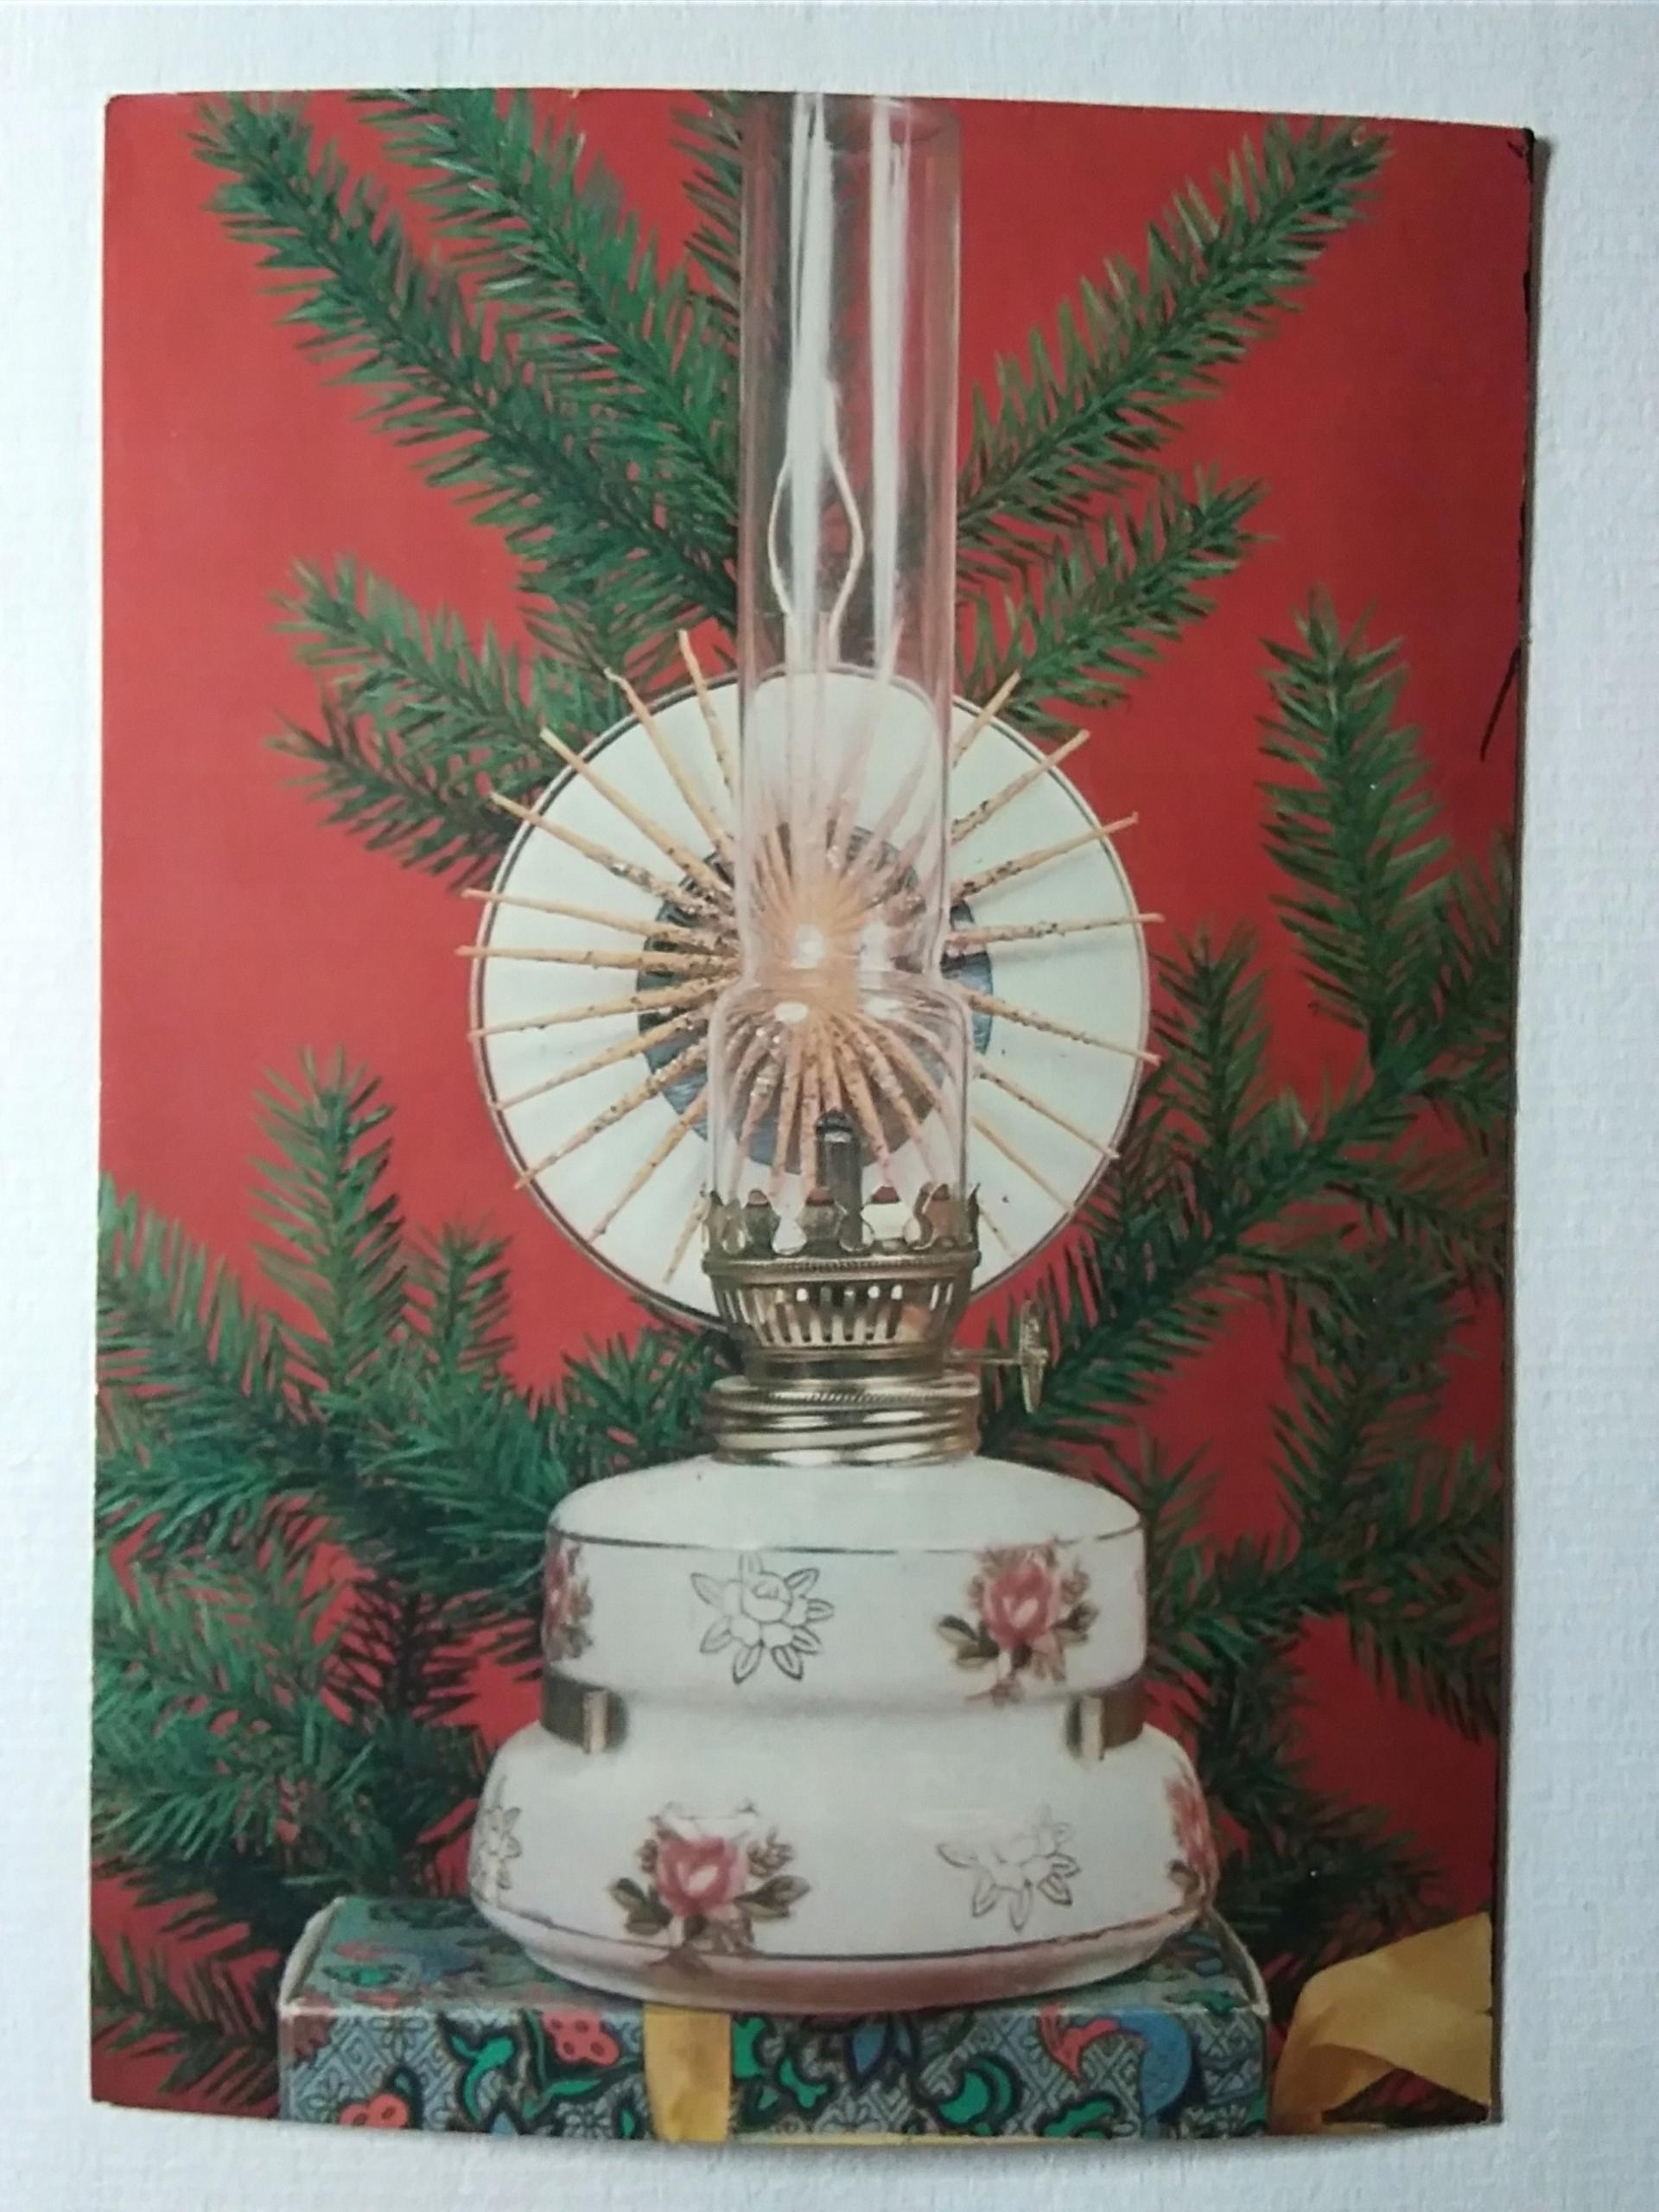 МАСЛЯНАЯ ЛАМПА Рождественский состав 1987